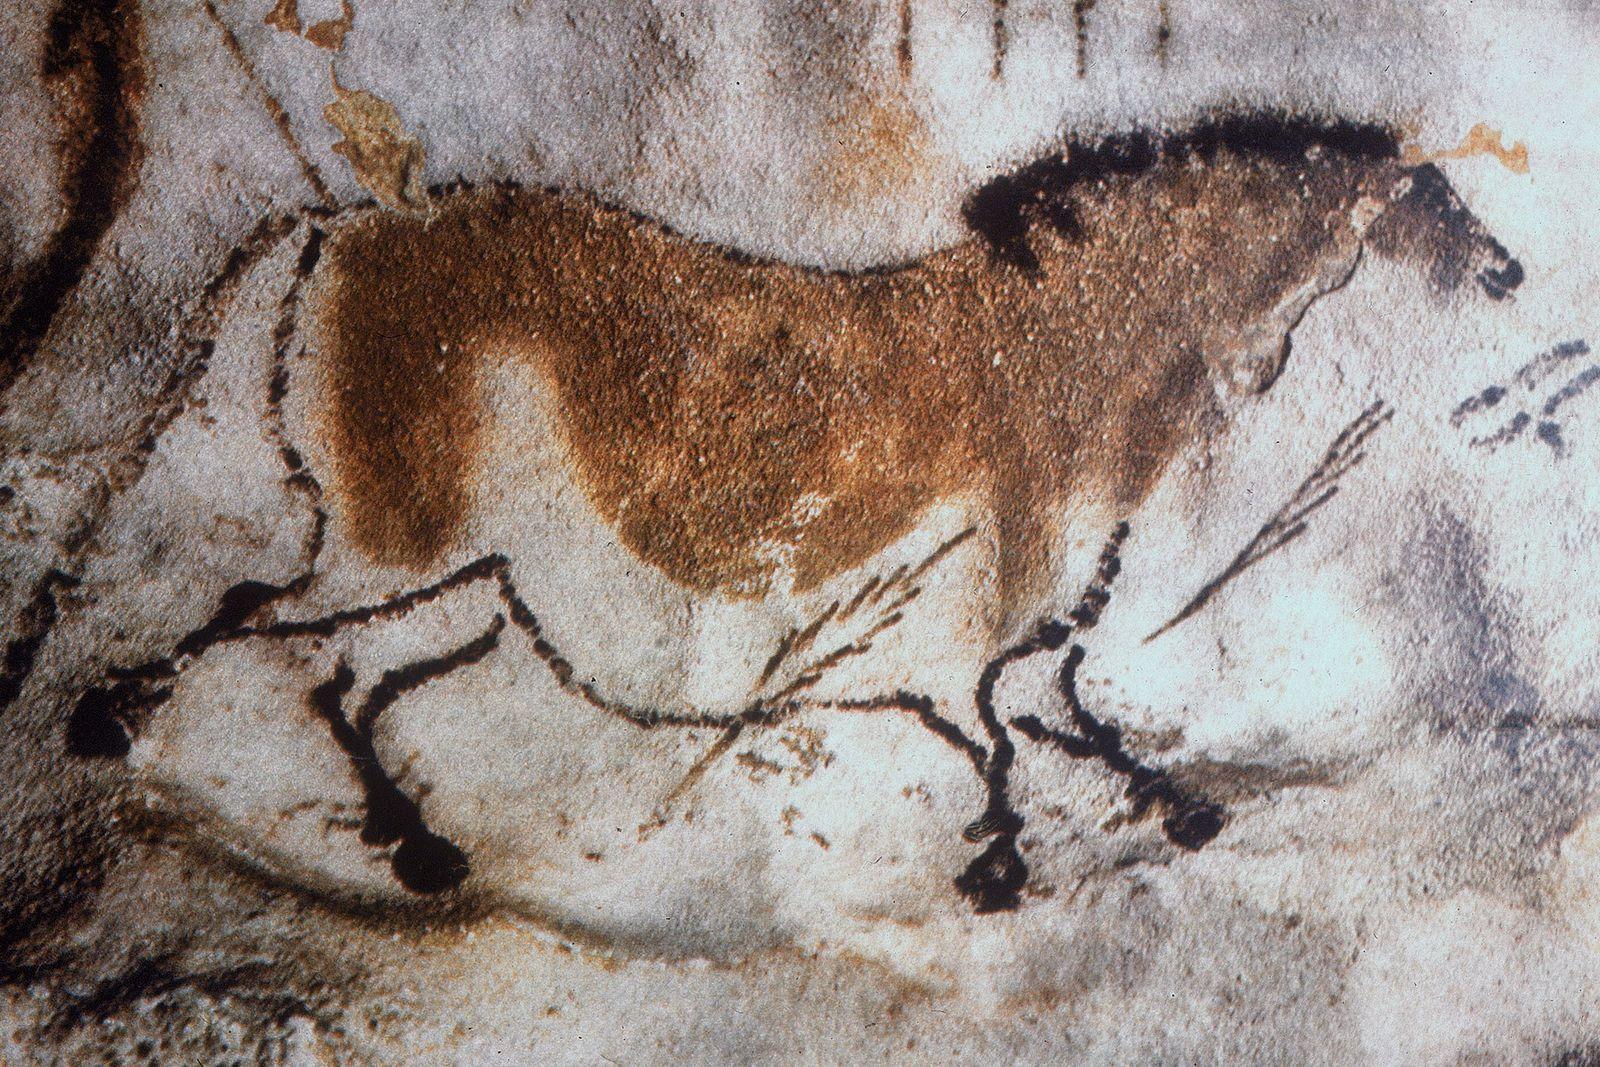 In der Höhle von Lascaux in Frankreich kann man diese Zeichnung eines Pferdes mit Pfeilen sehen.